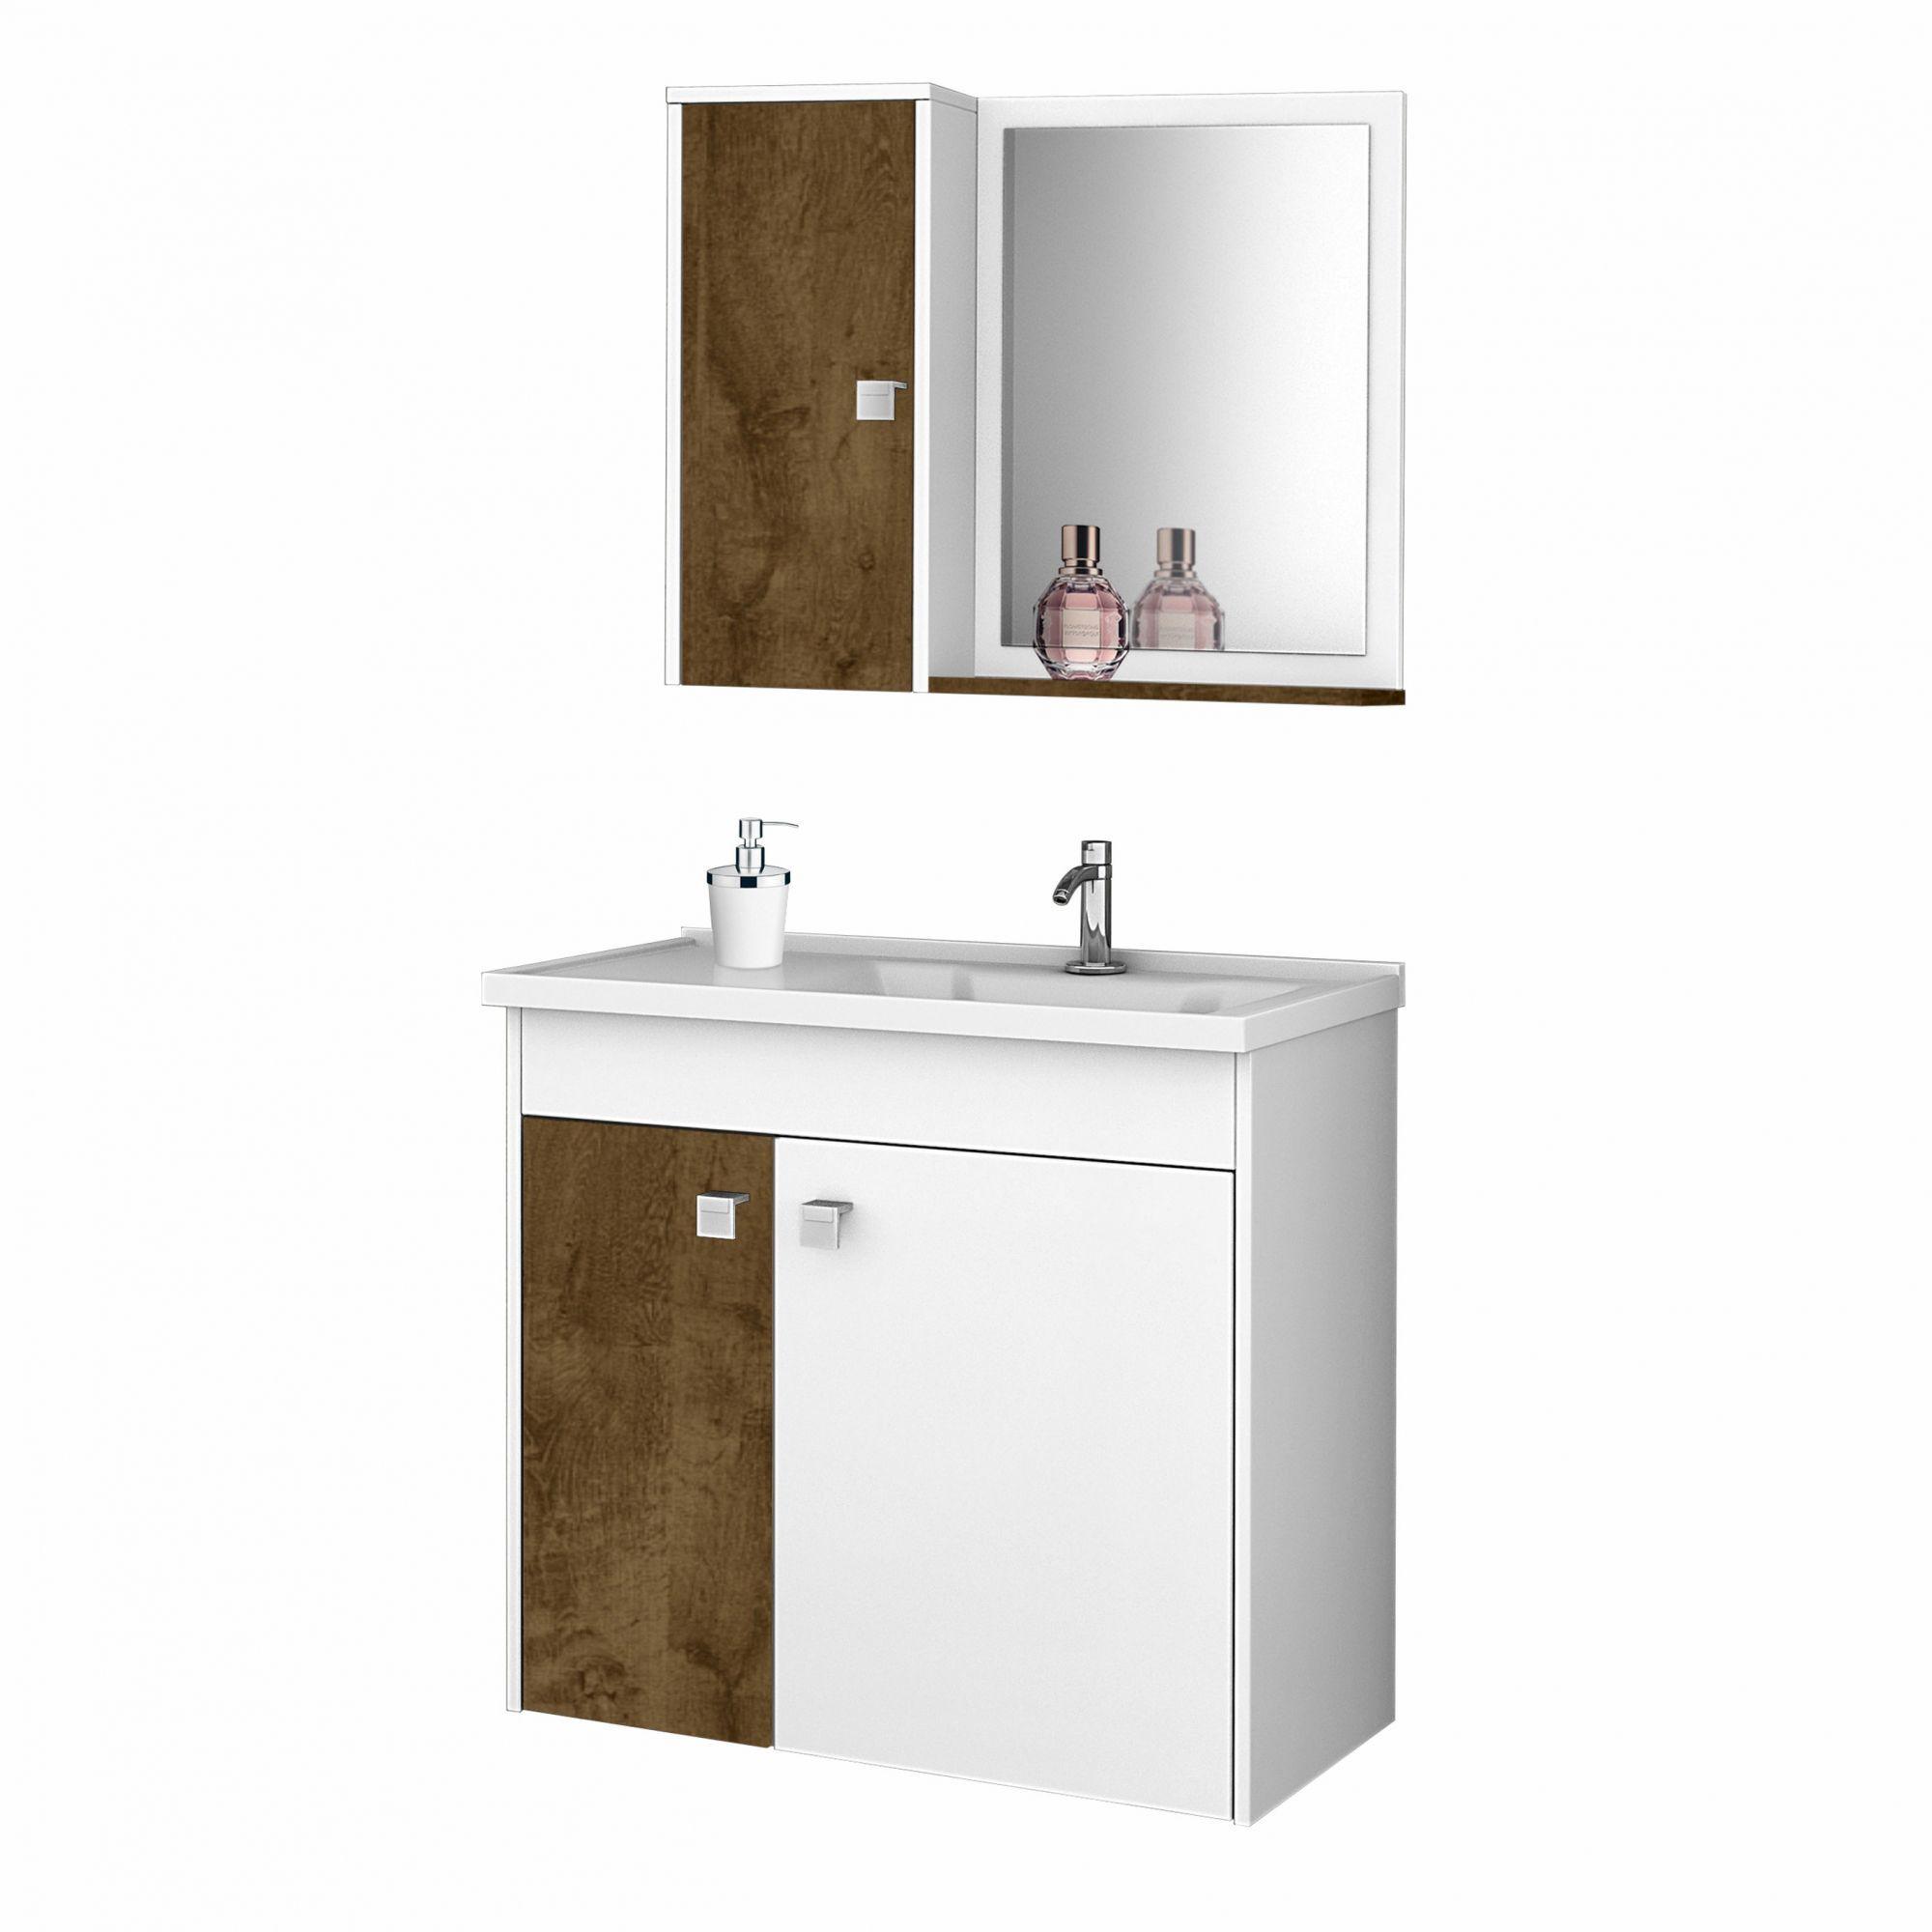 Gabinete com Espelheira Munique Branco / Madeira Rustica - Moveis Bechara